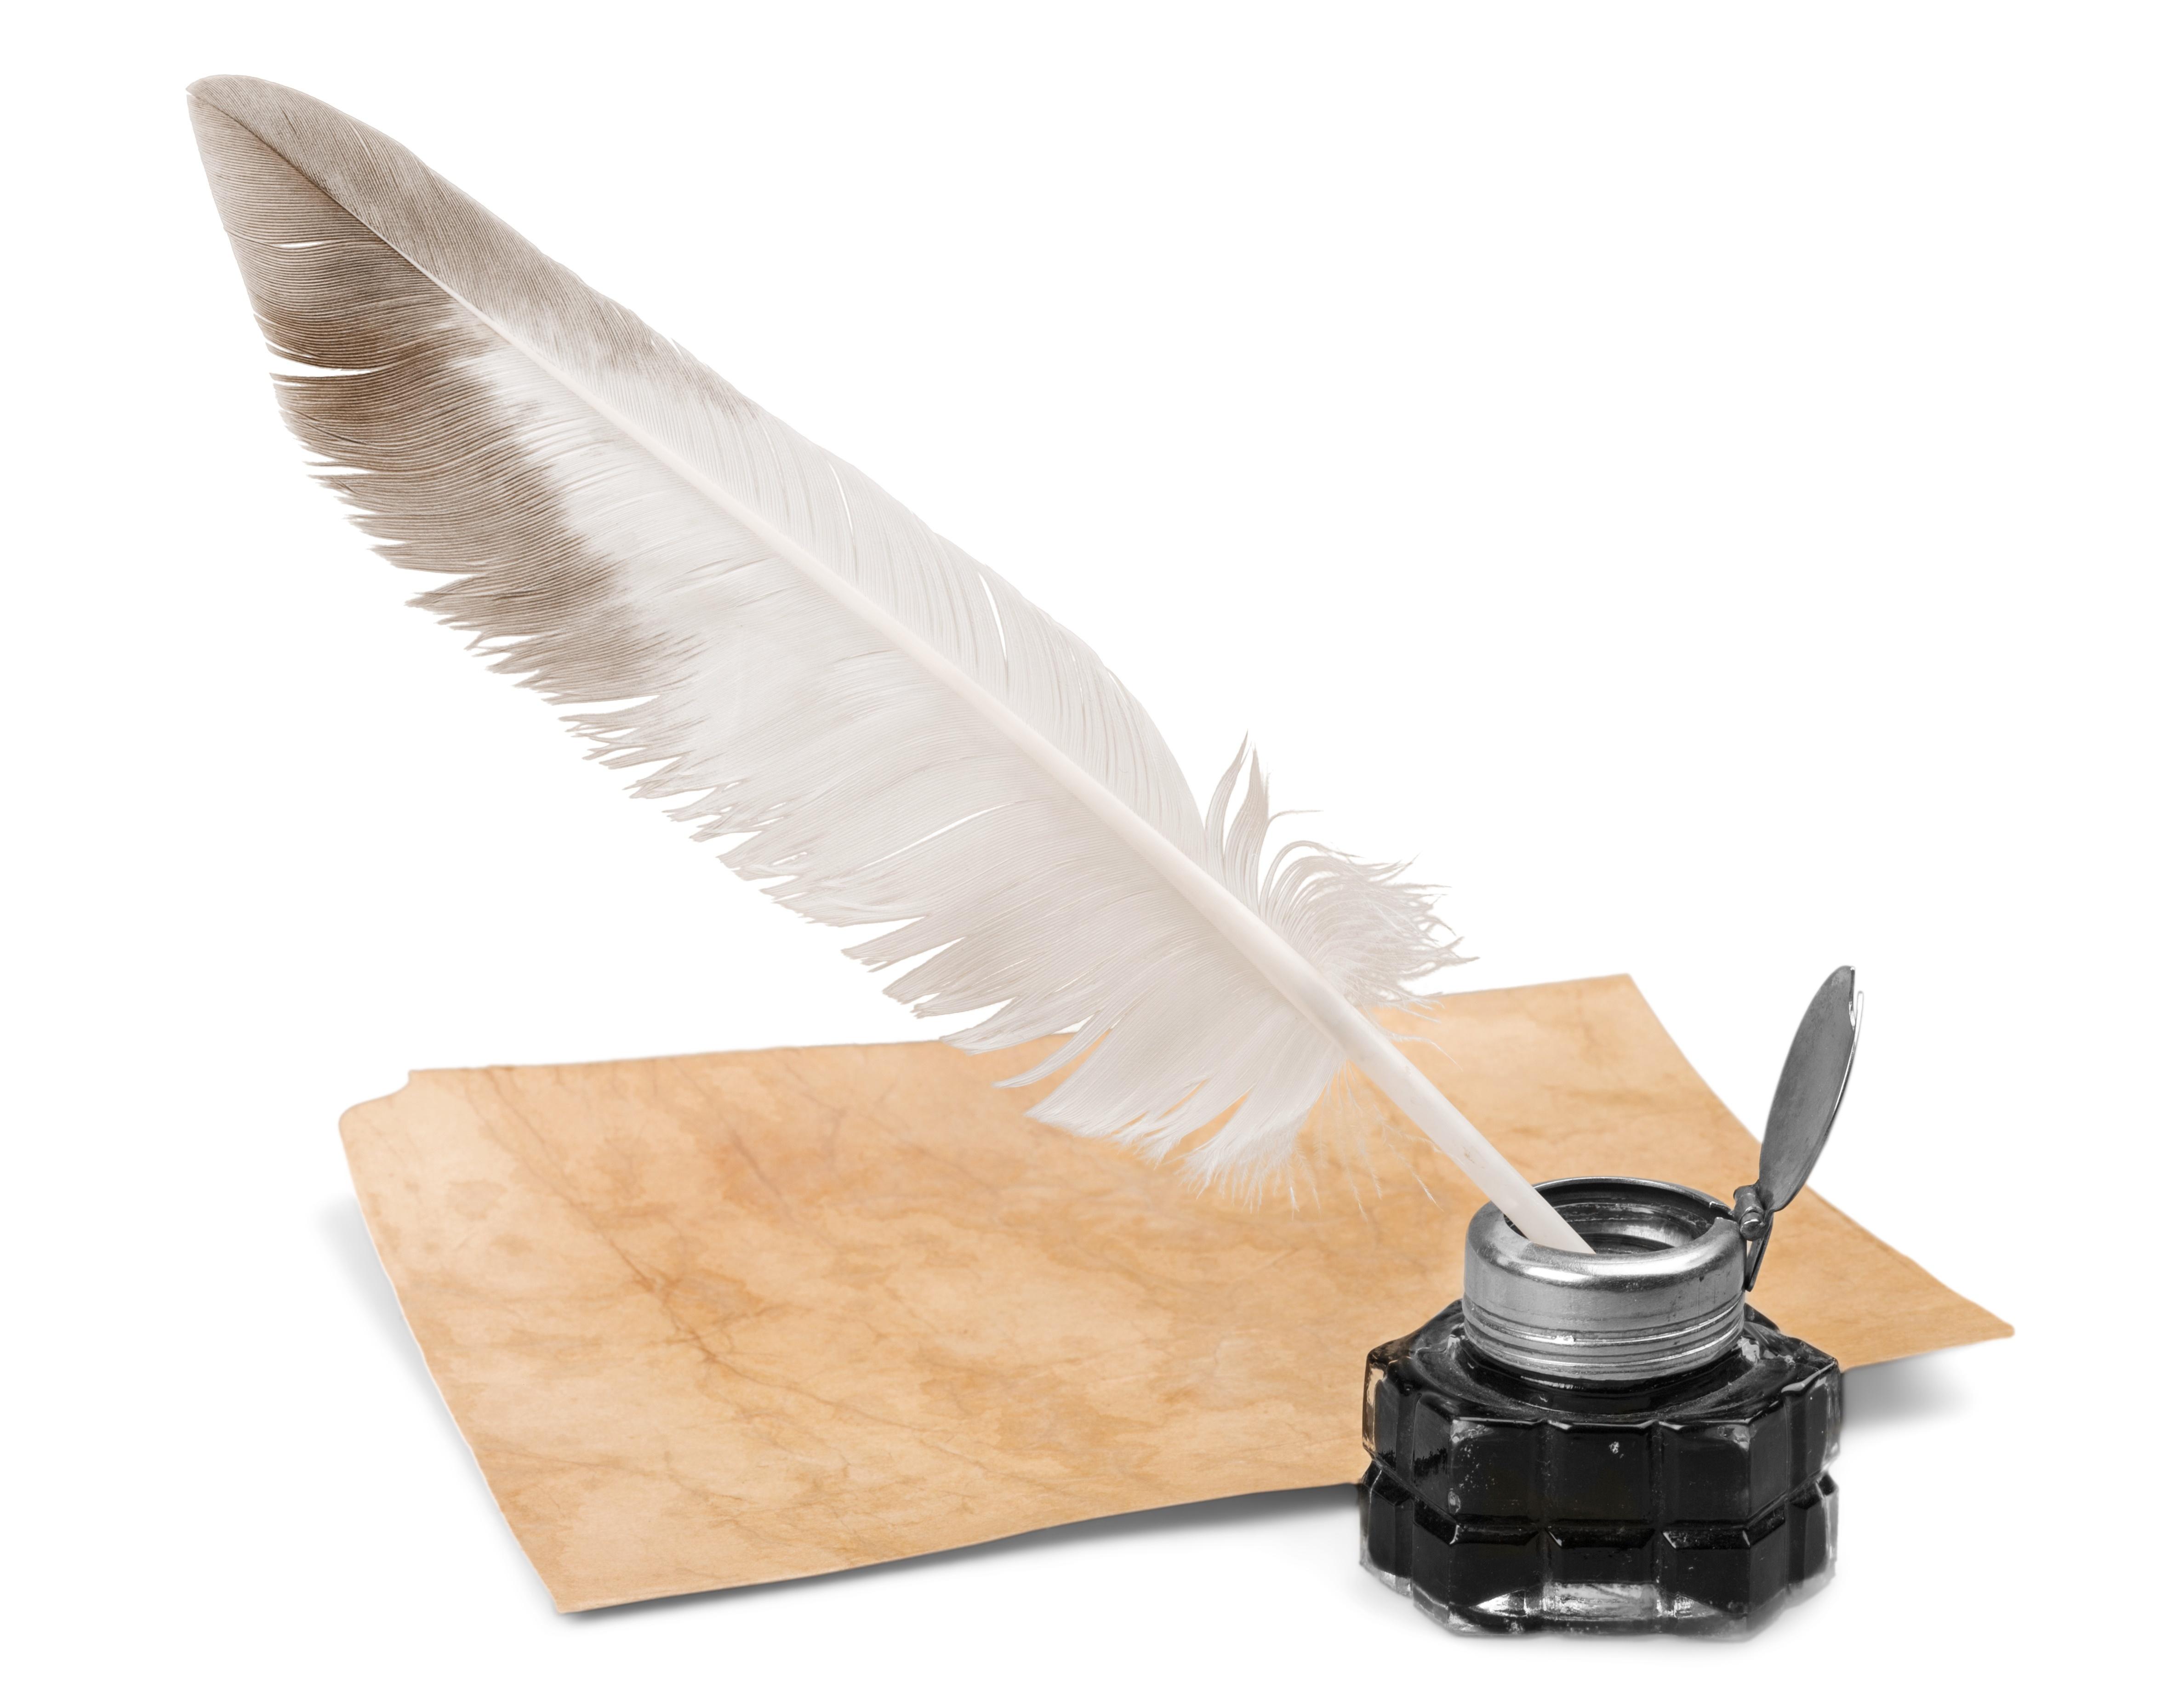 ועדות, מסקנות והמלצות למתגרשים